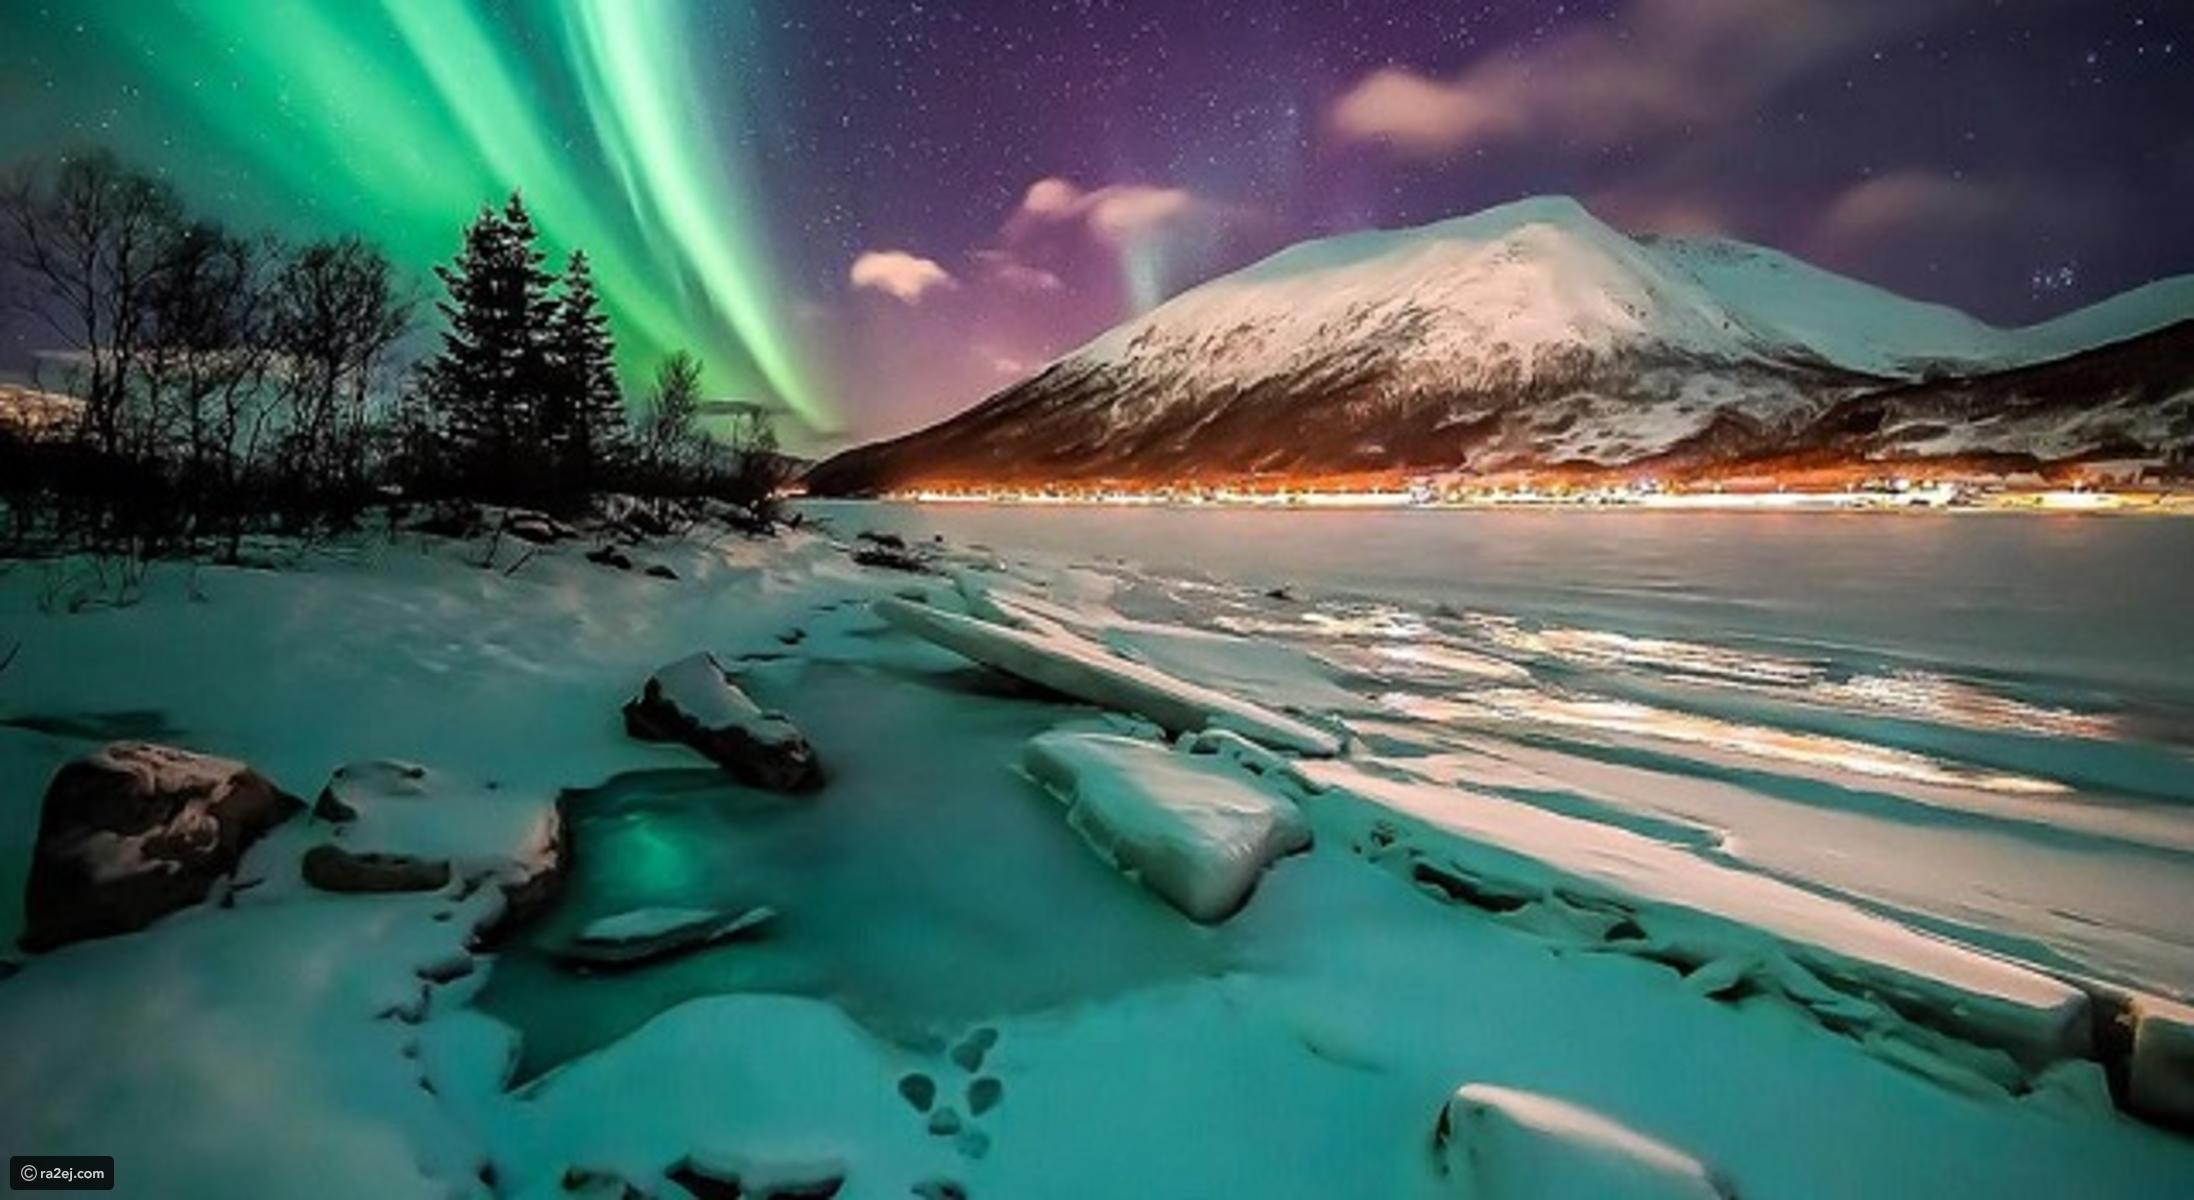 بالصور صور جمال الطبيعة , ابداع الخالق فى الكون 4730 2